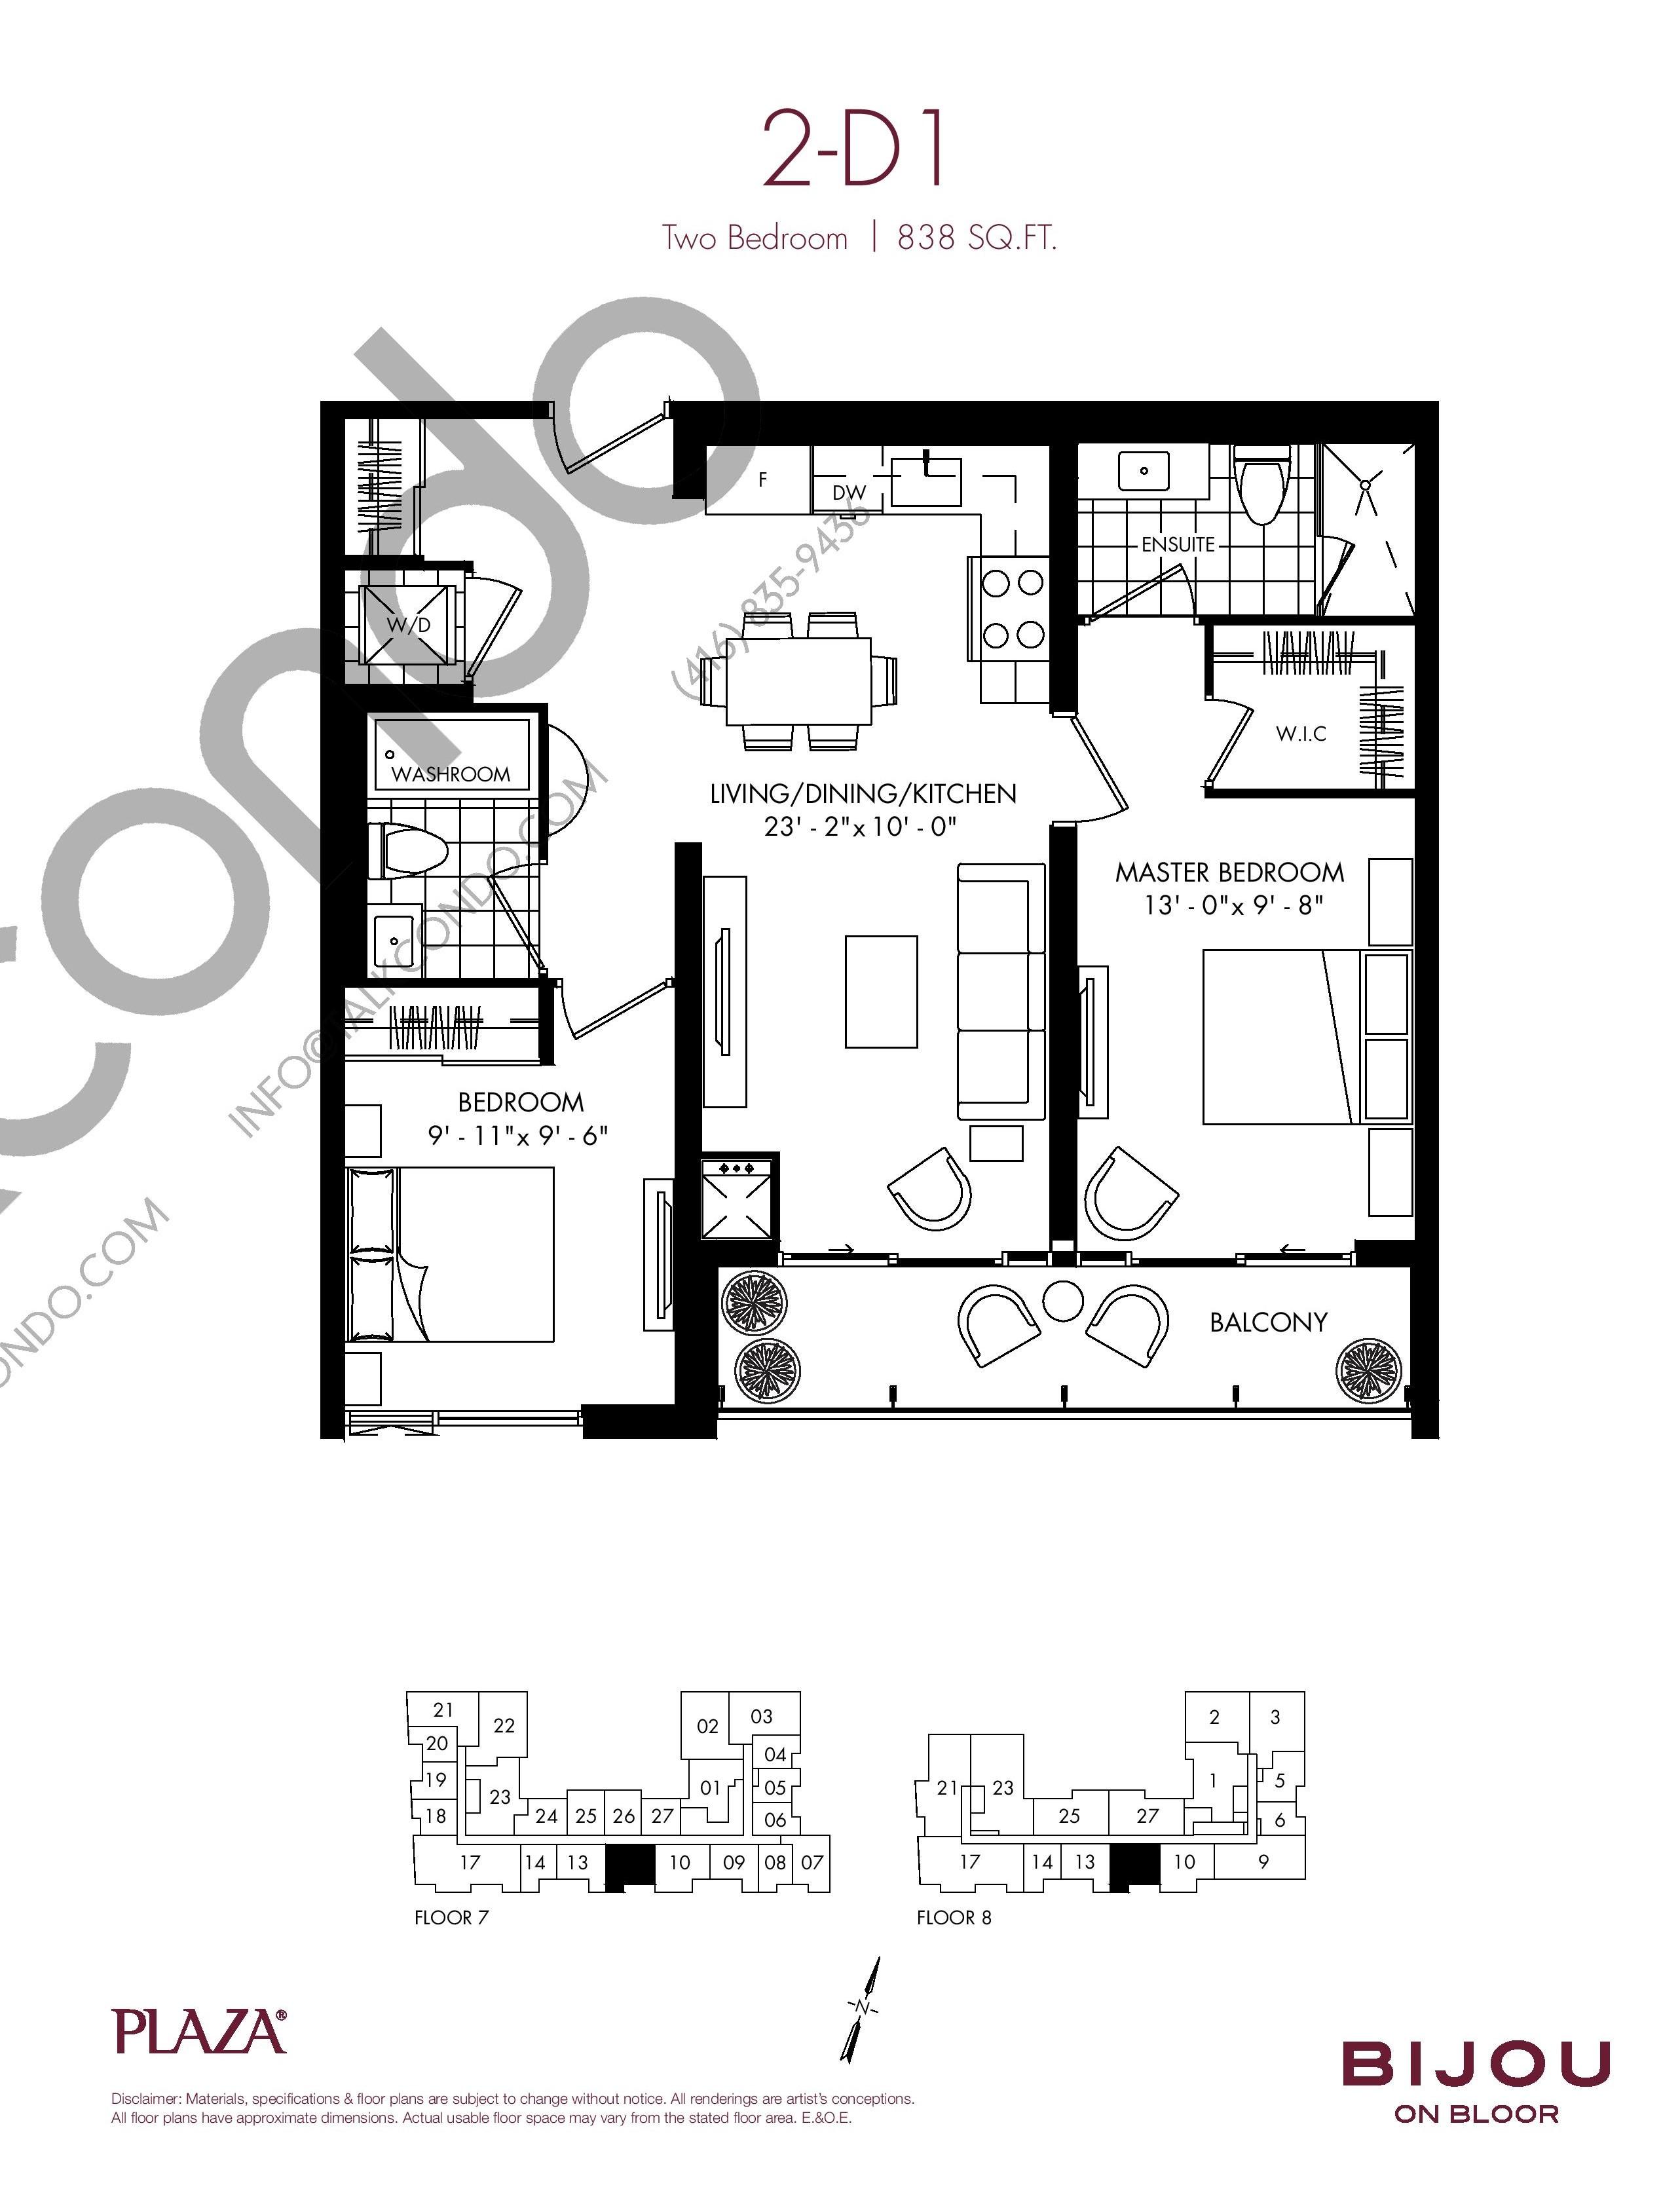 2-D1 Floor Plan at Bijou On Bloor Condos - 838 sq.ft